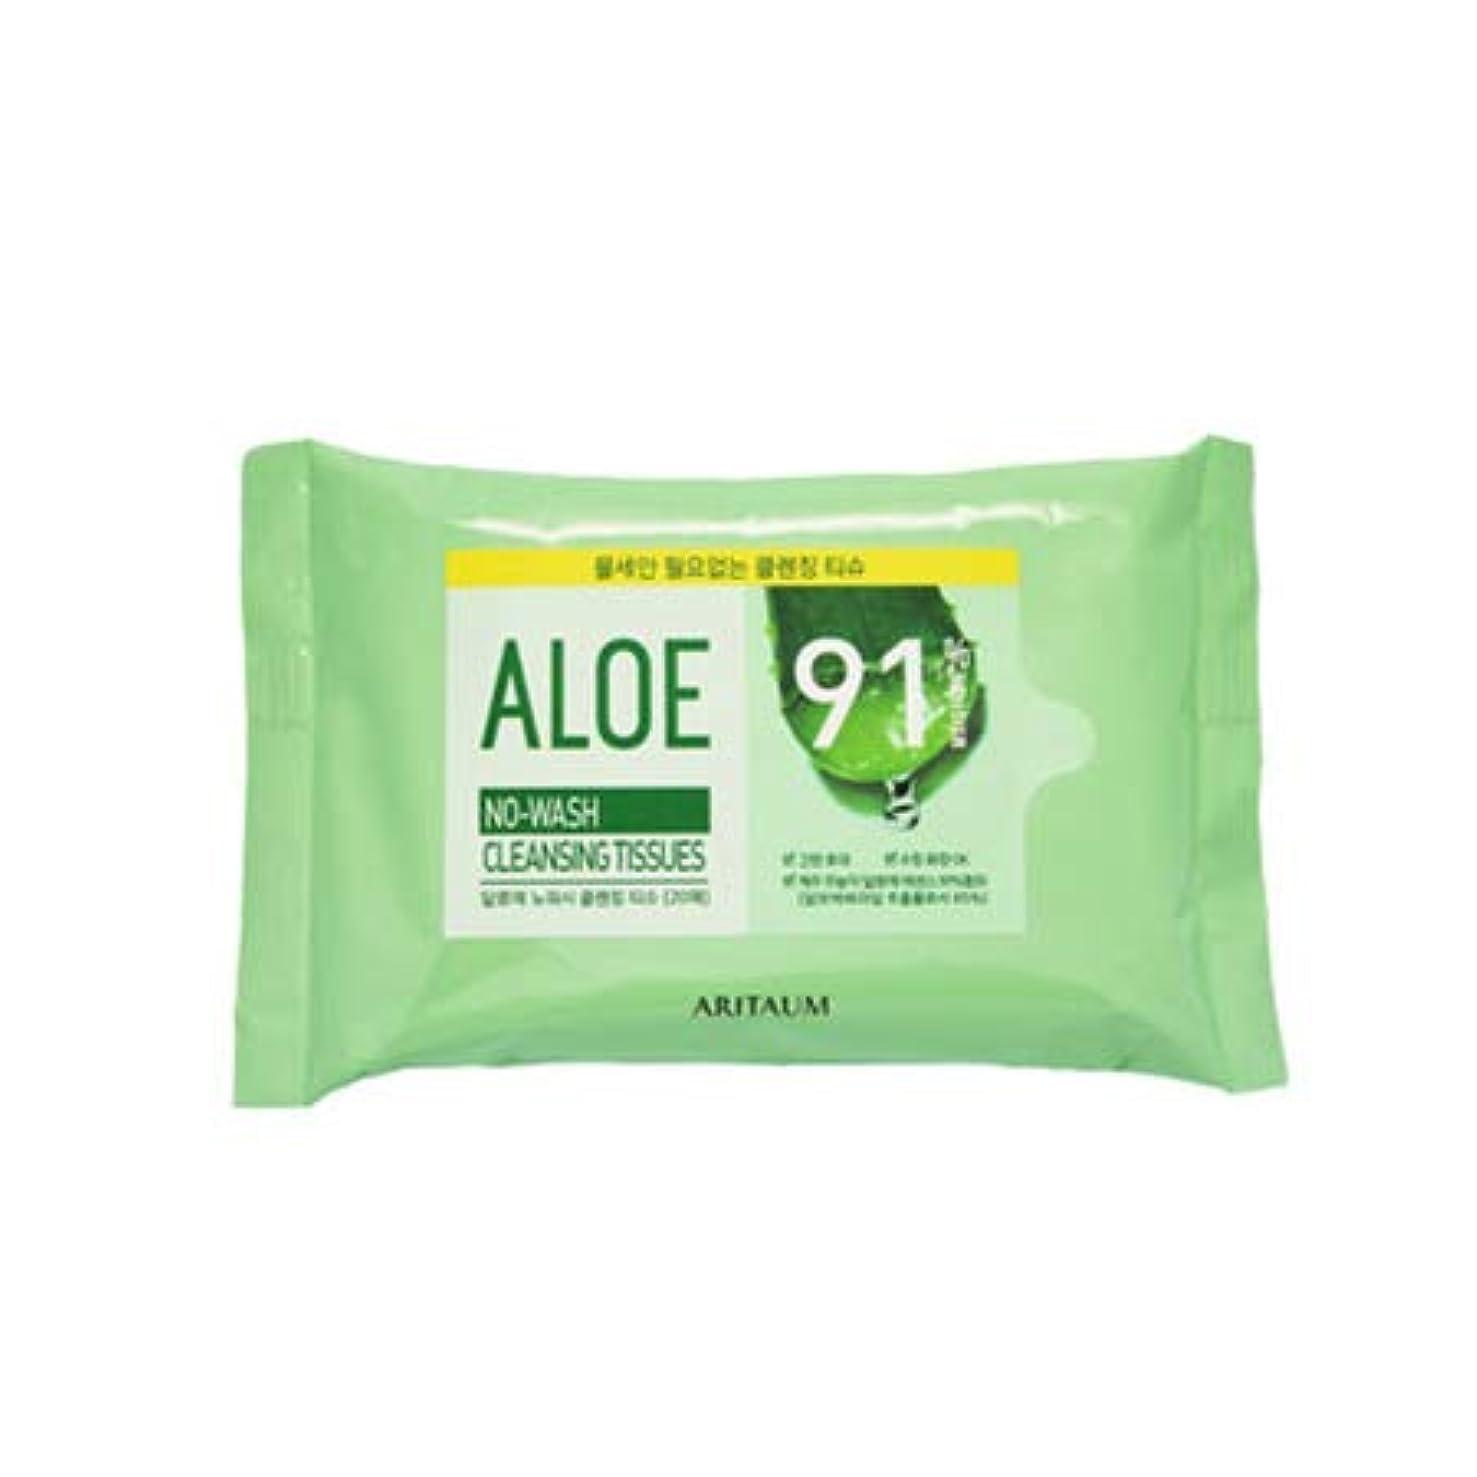 クリーナーとても多くの見出し【アリタウム.aritaum]アロエノーウォッシュクレンジングティッシュ20枚(2019.07 new)×2ea/ aloe no wash clwansing tissue(20sheet×2ea) (20 sheet)